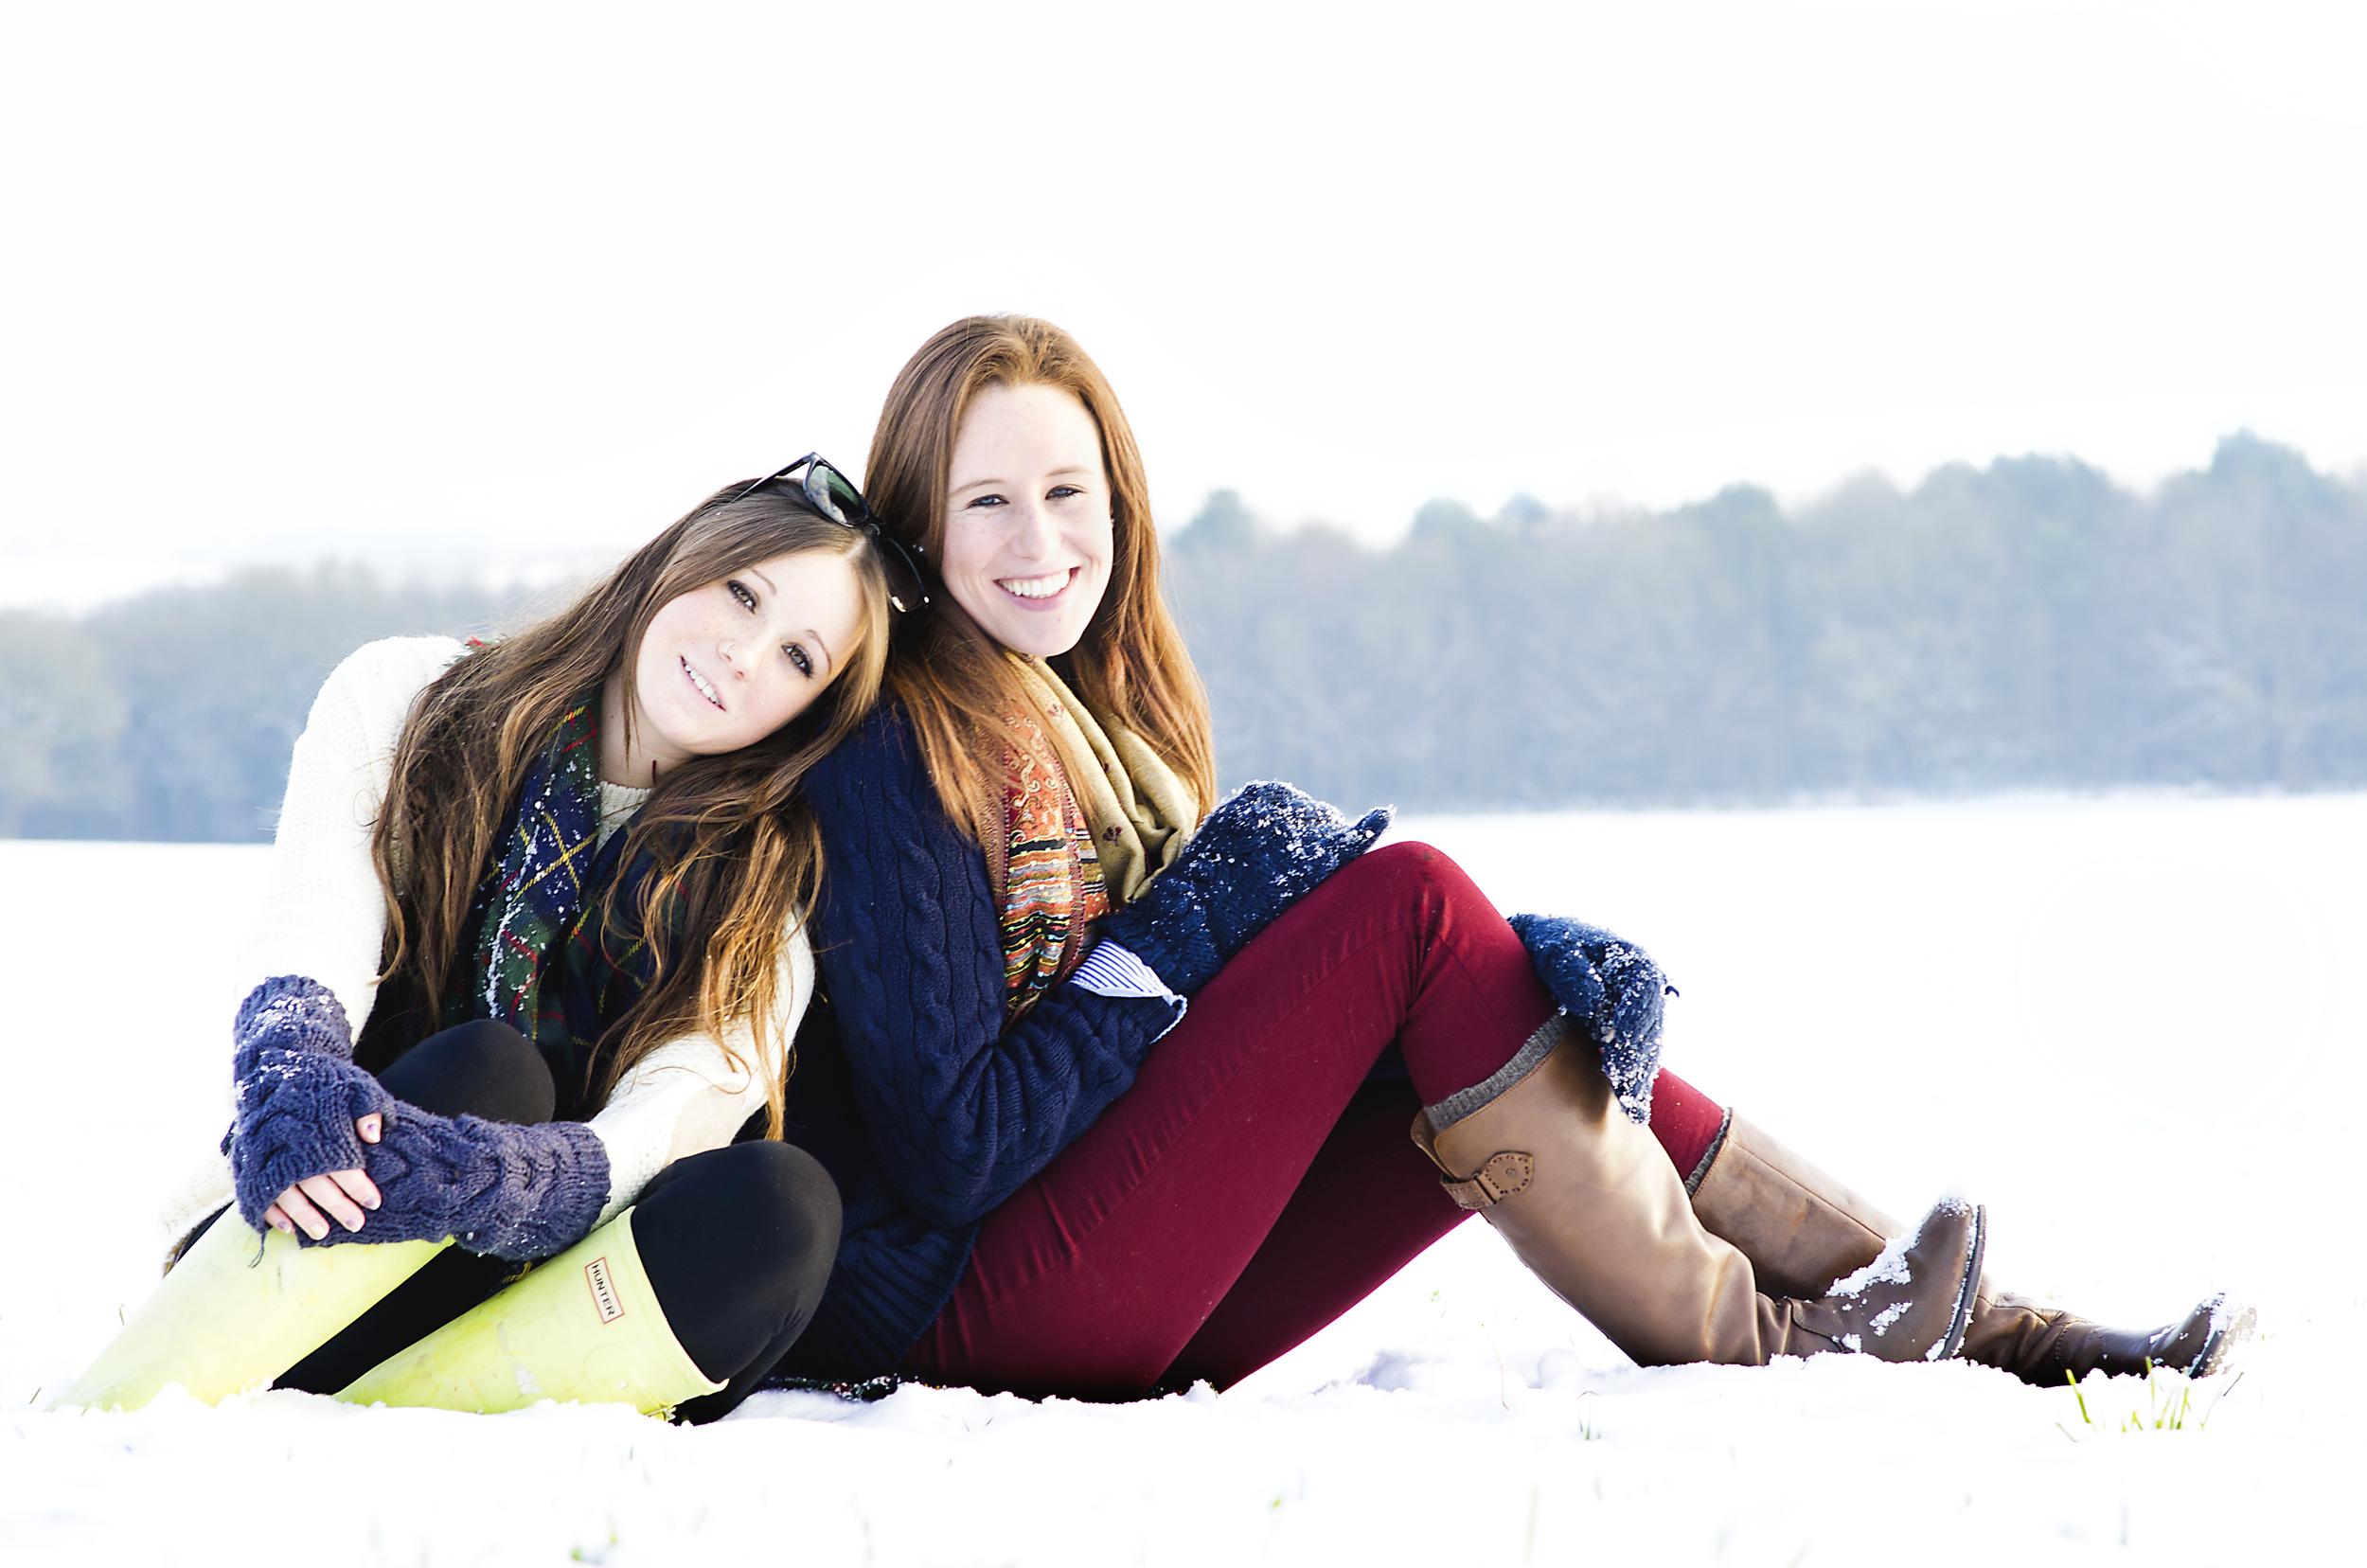 Girls in snow 2.jpg